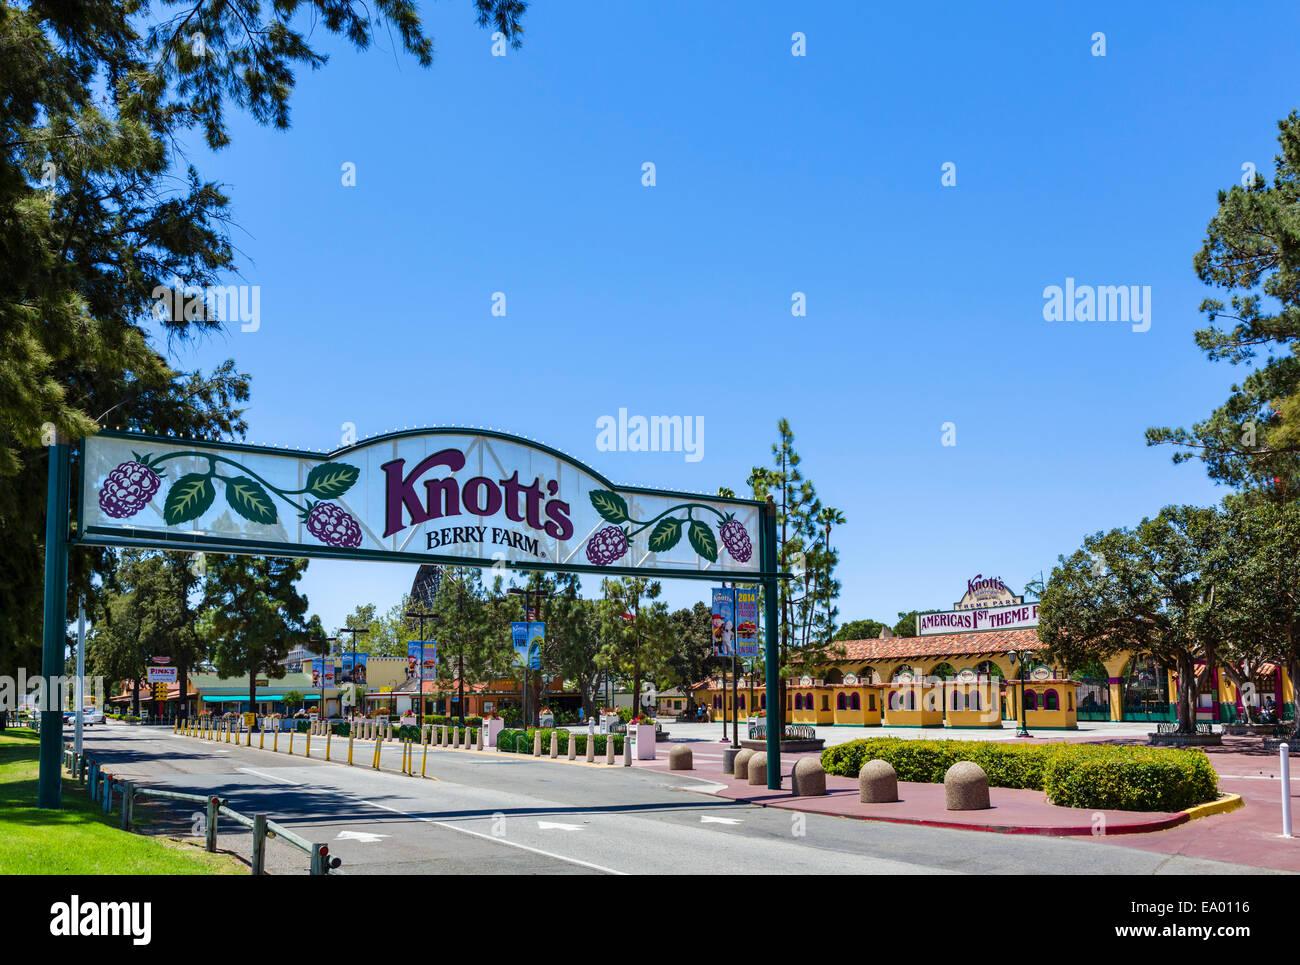 Entrance to Knott's Berry Farm, Buena Park, Orange County, near Los Angeles, California, USA - Stock Image